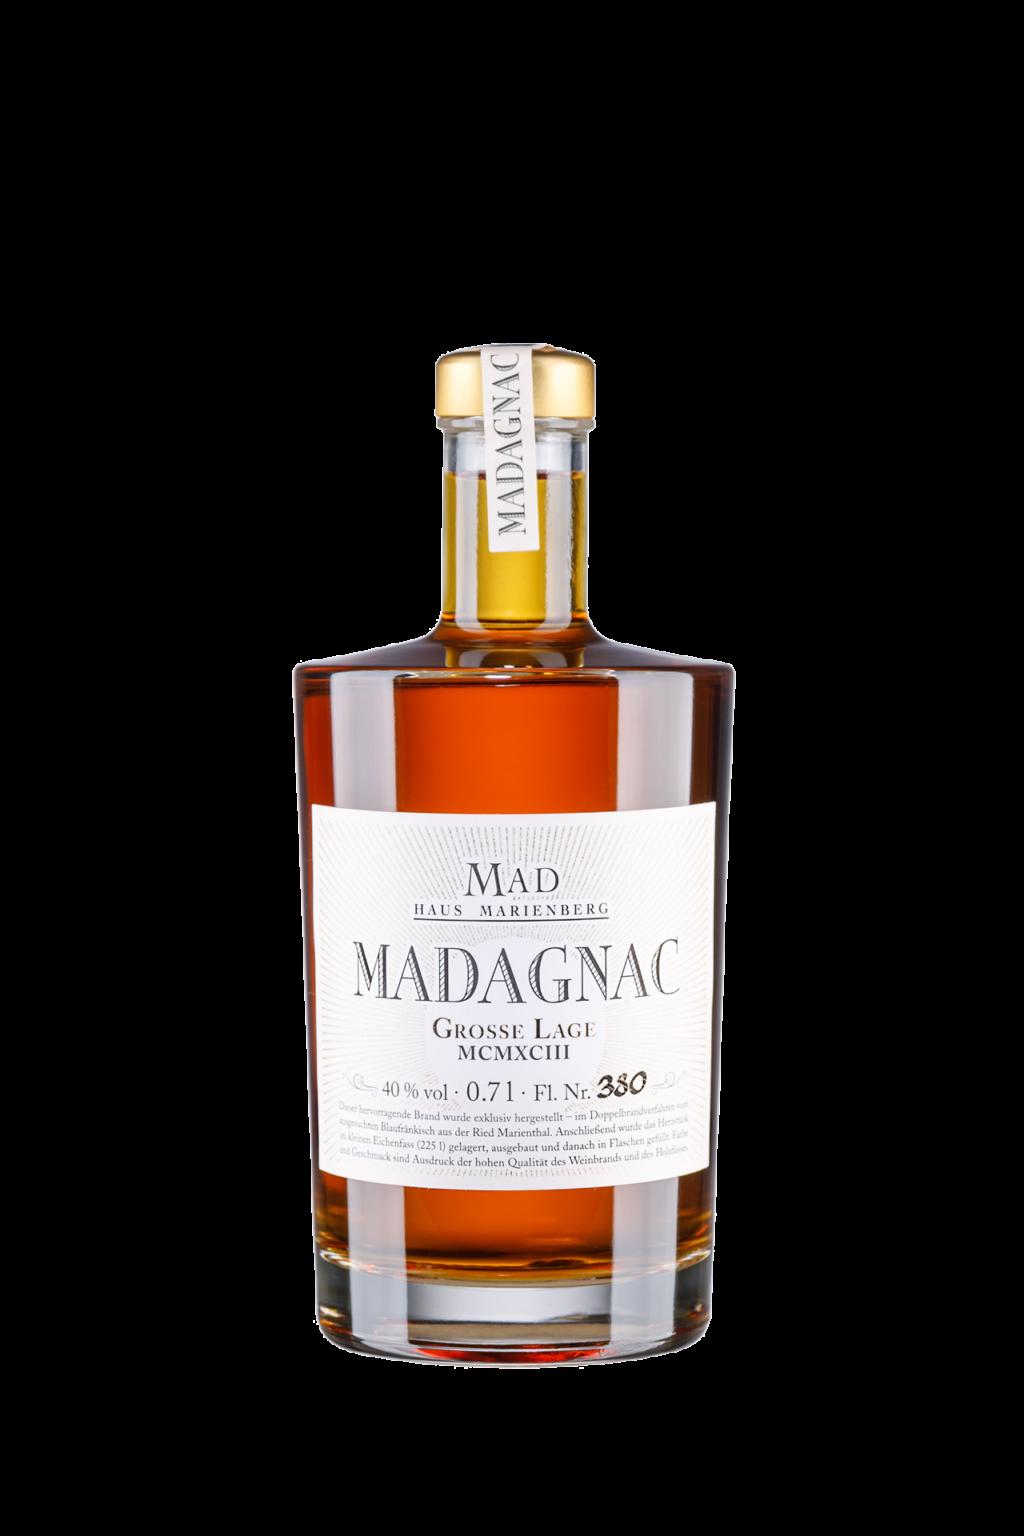 Madagnac